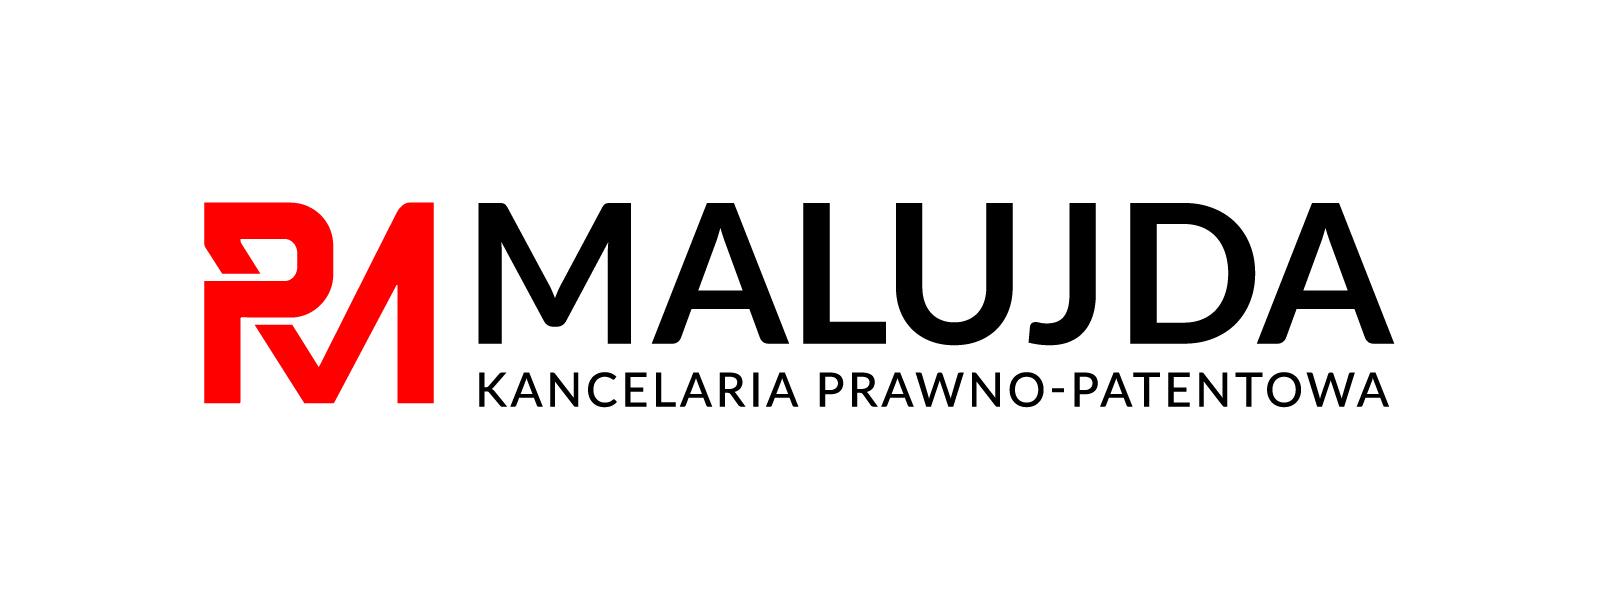 Rafał Malujda Kancelaria Prawno-Patentowa, logo